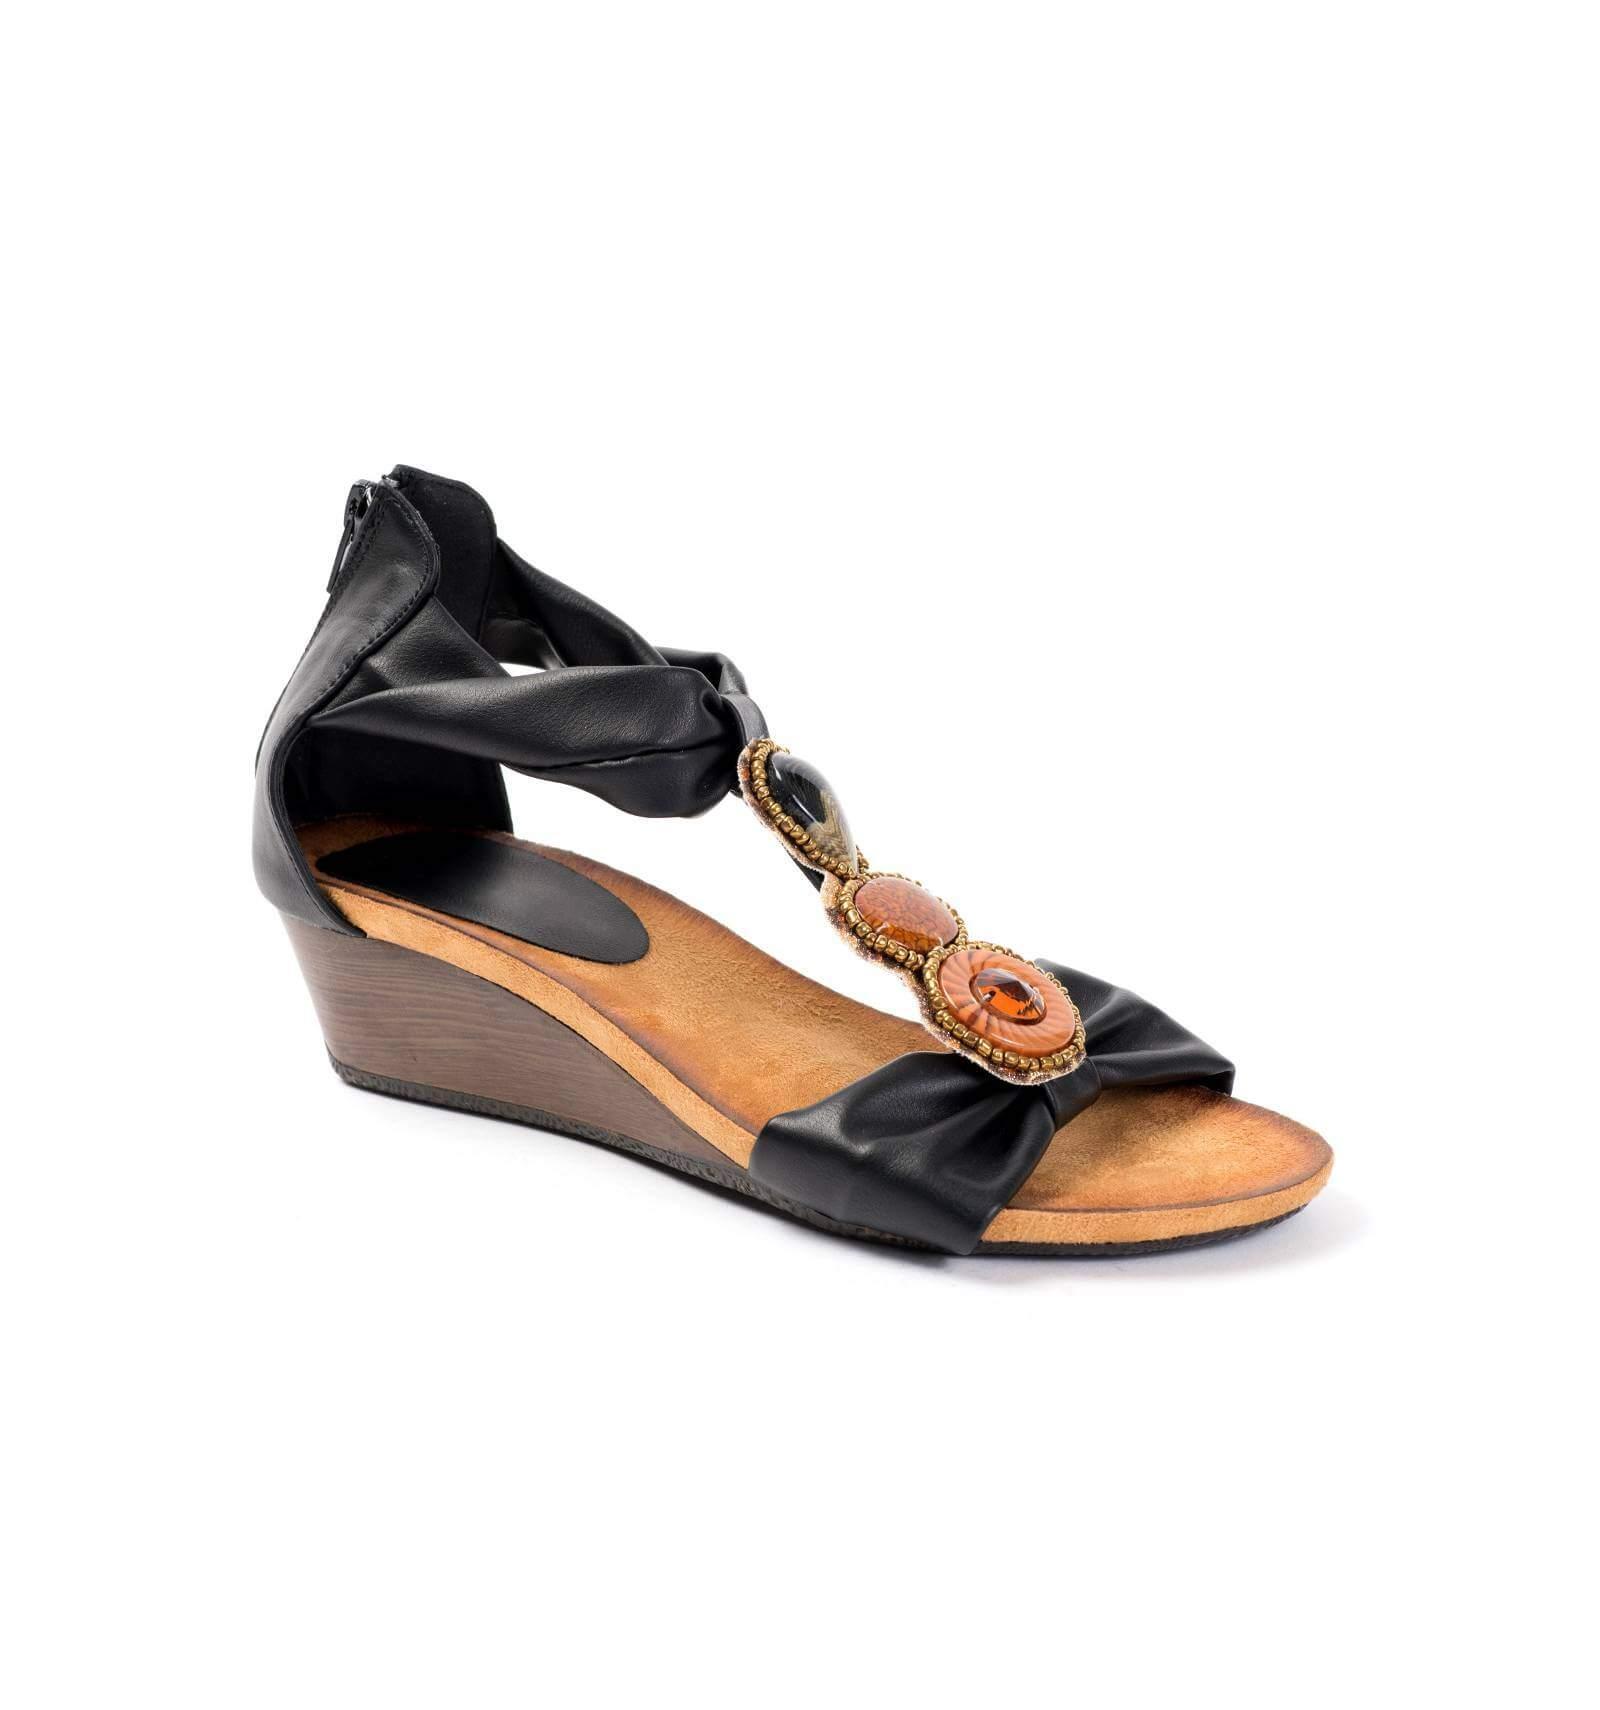 bdc8def58f055 Sandales compensées noires avec bijoux BOLLYWOOD ...